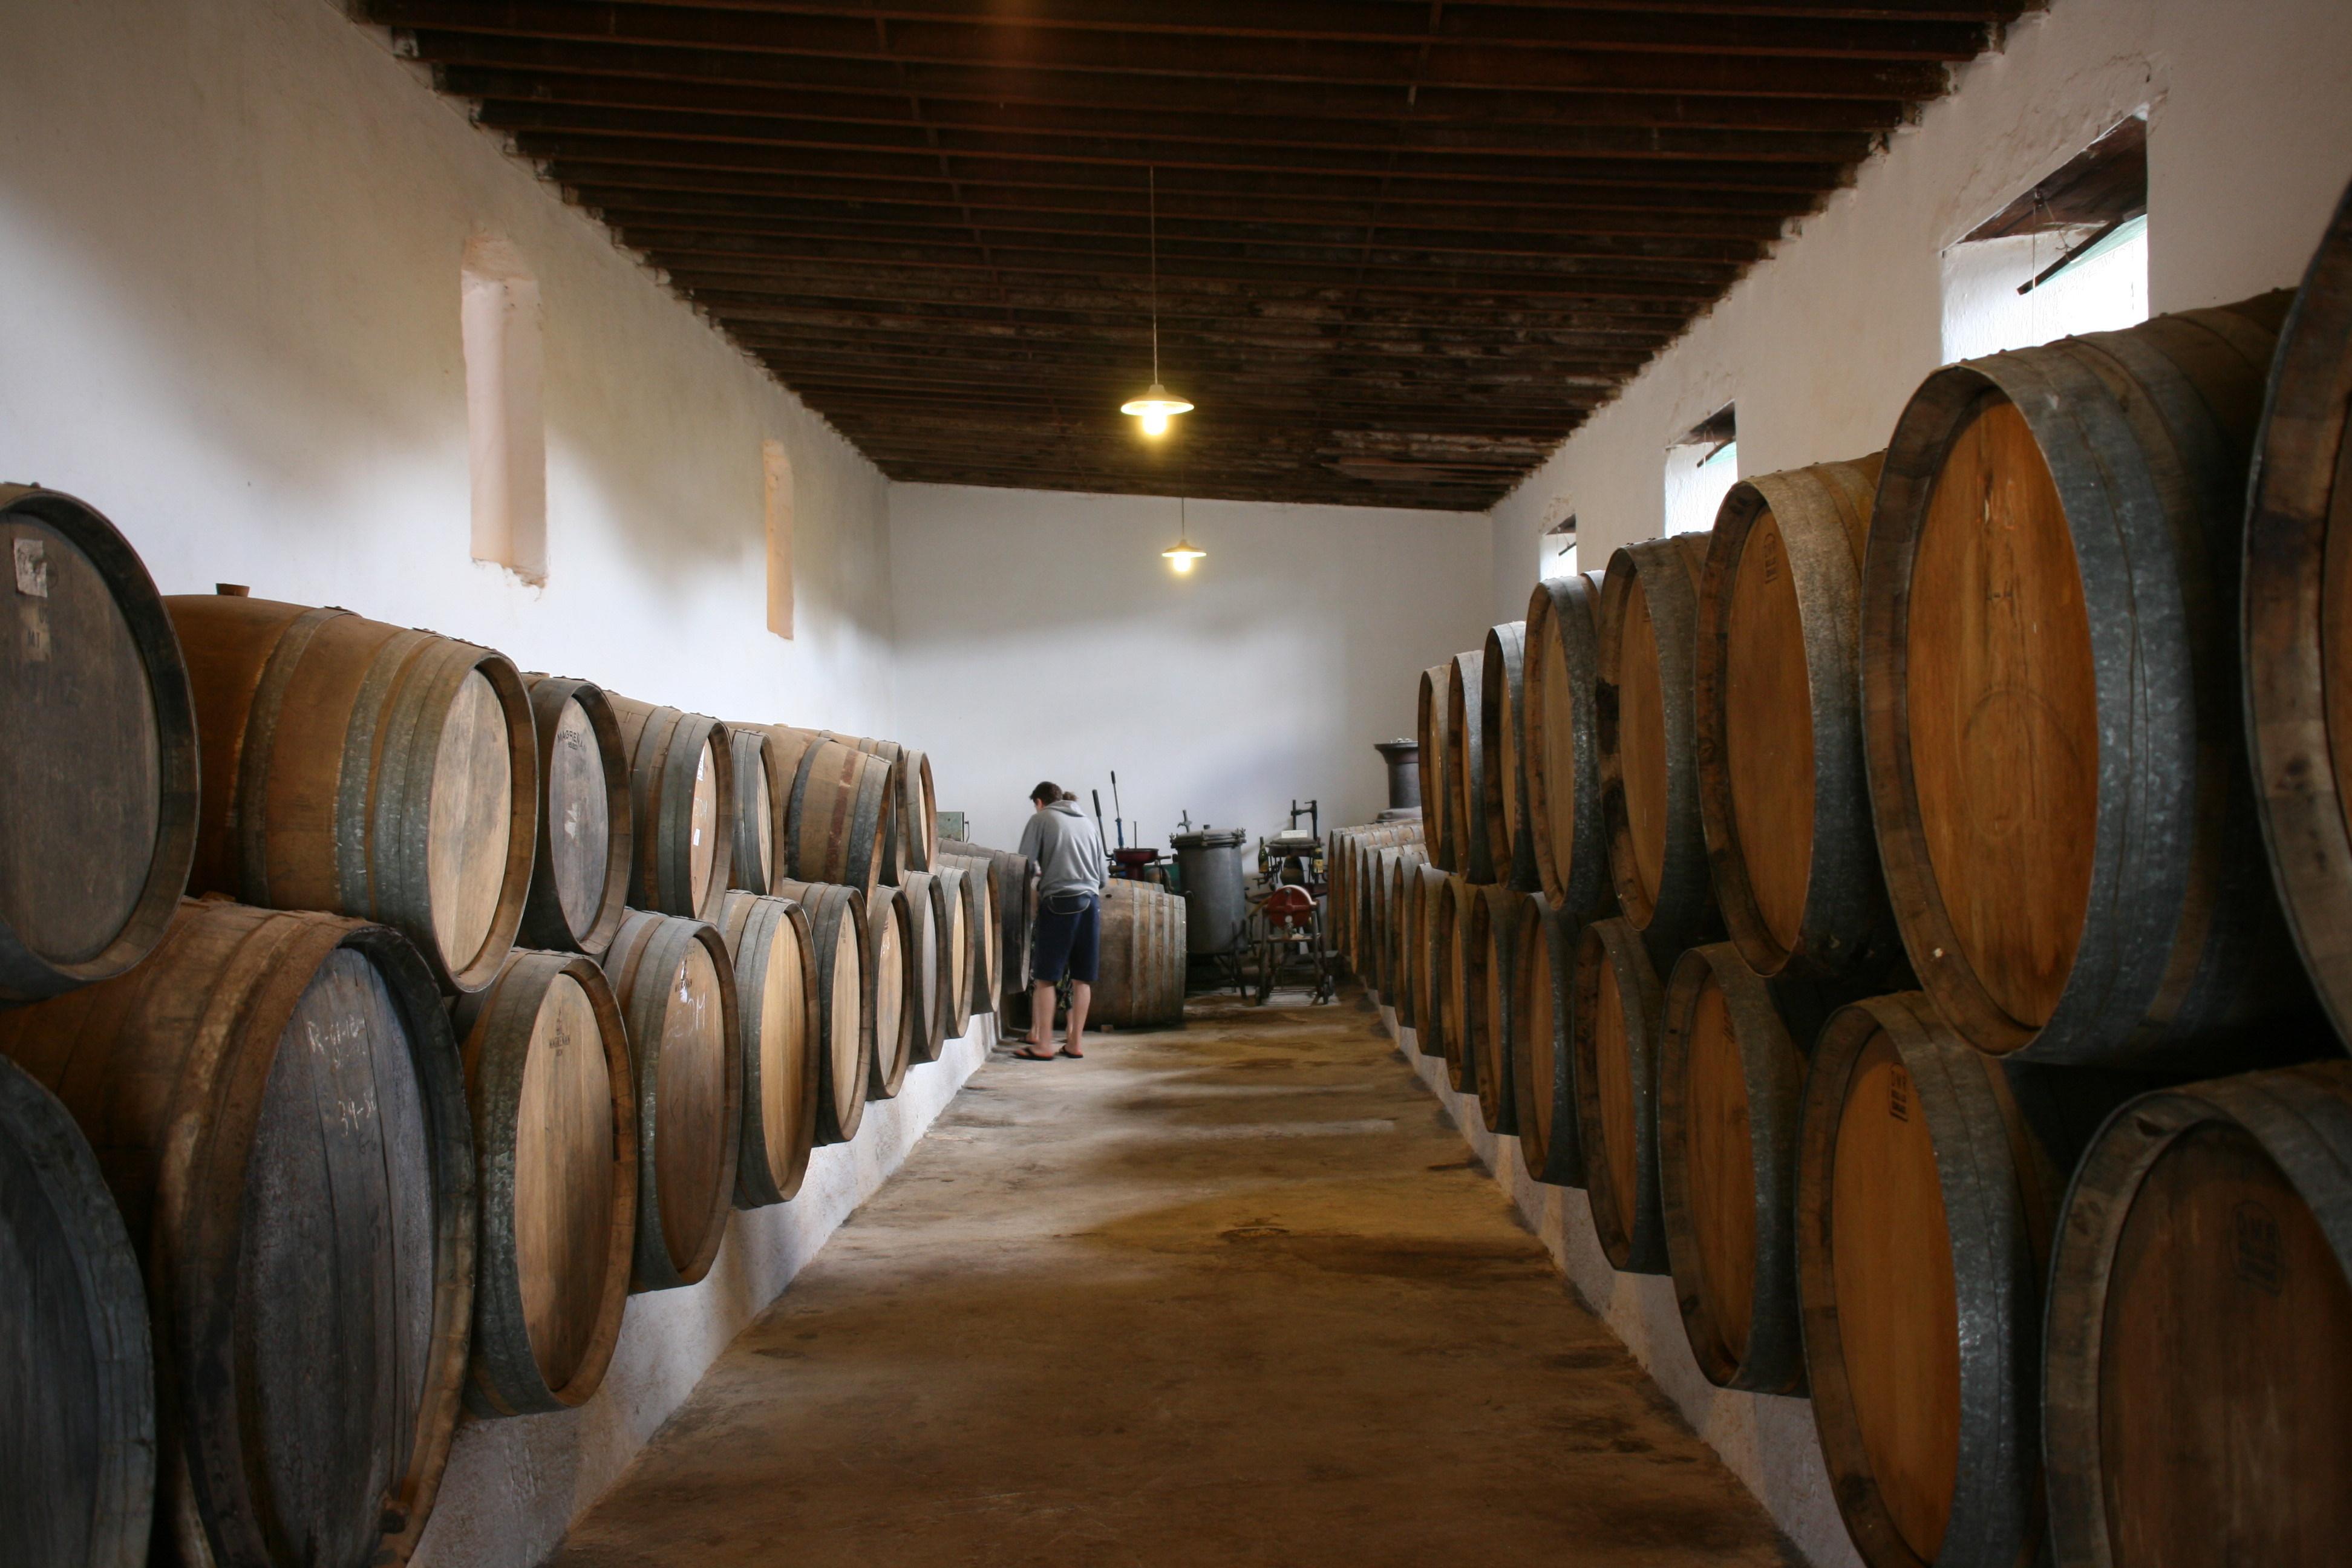 Museo Del Vino.File San Bartolome Lz30 El Grifo Museo Del Vino 08 Ies Jpg